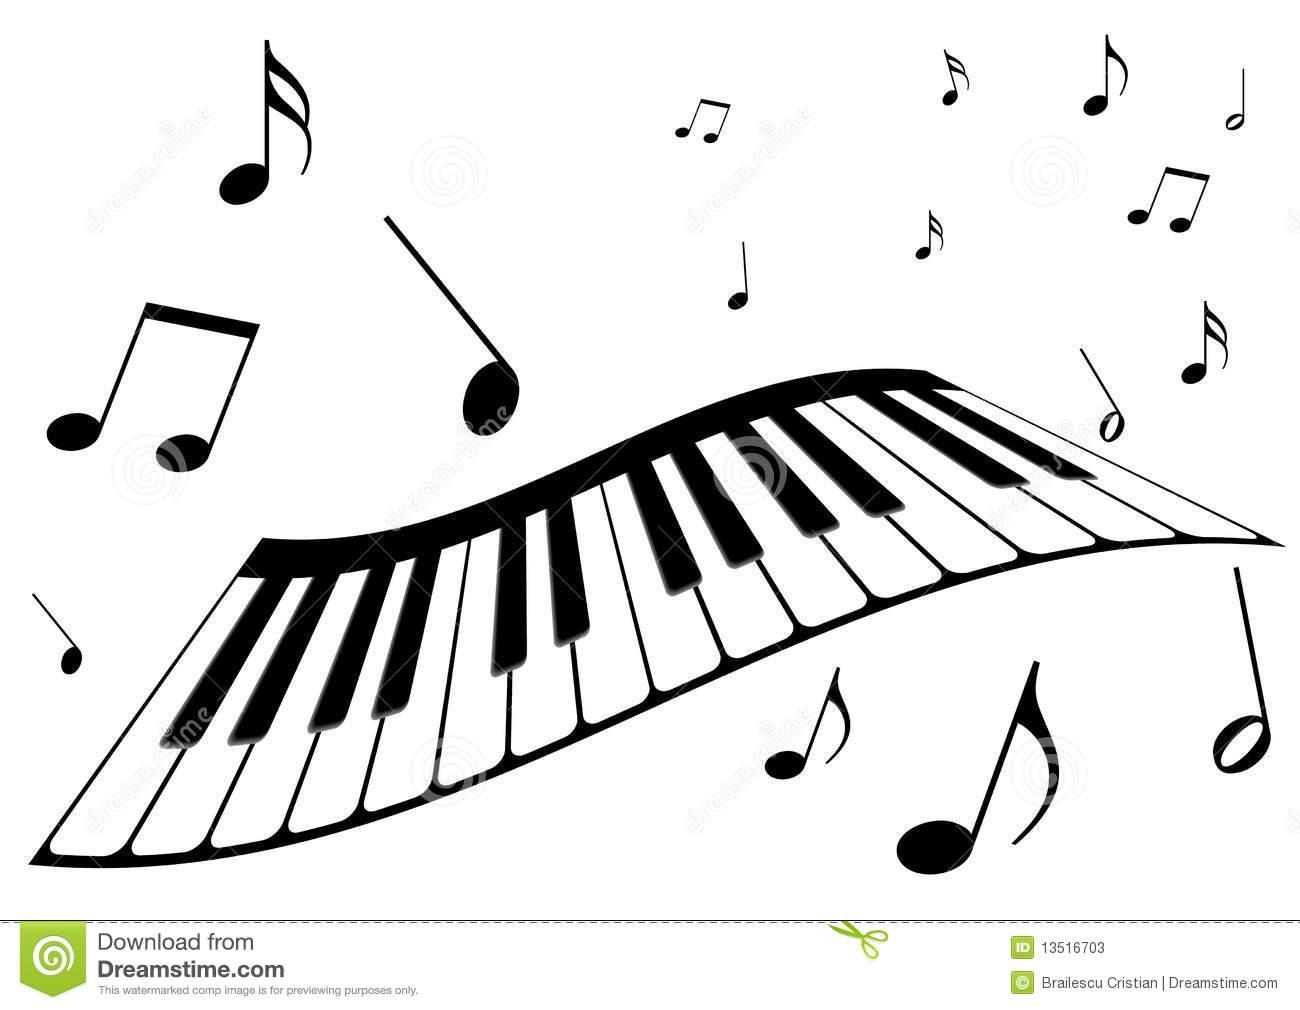 Piano music clipart #16